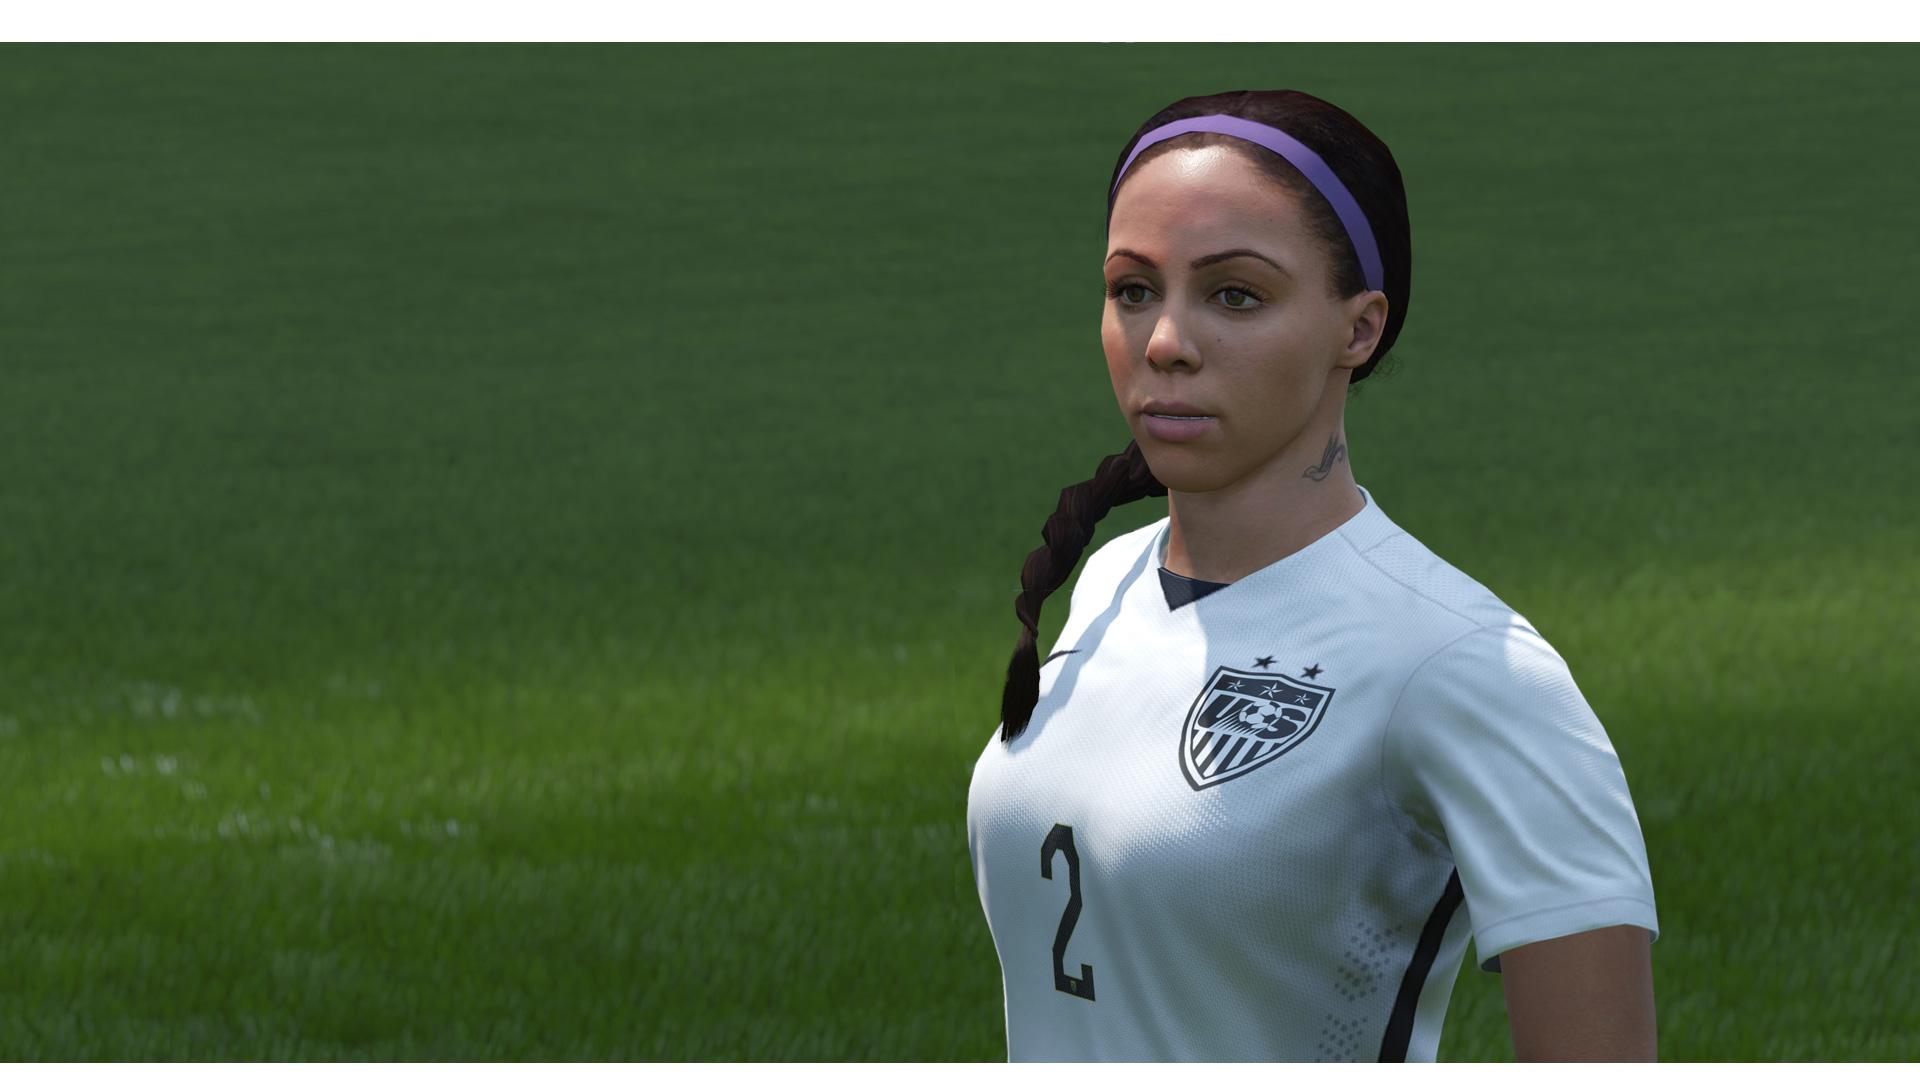 El juego contará con los equipos femeninos de países norteamericanos, europeos y uno suramericano